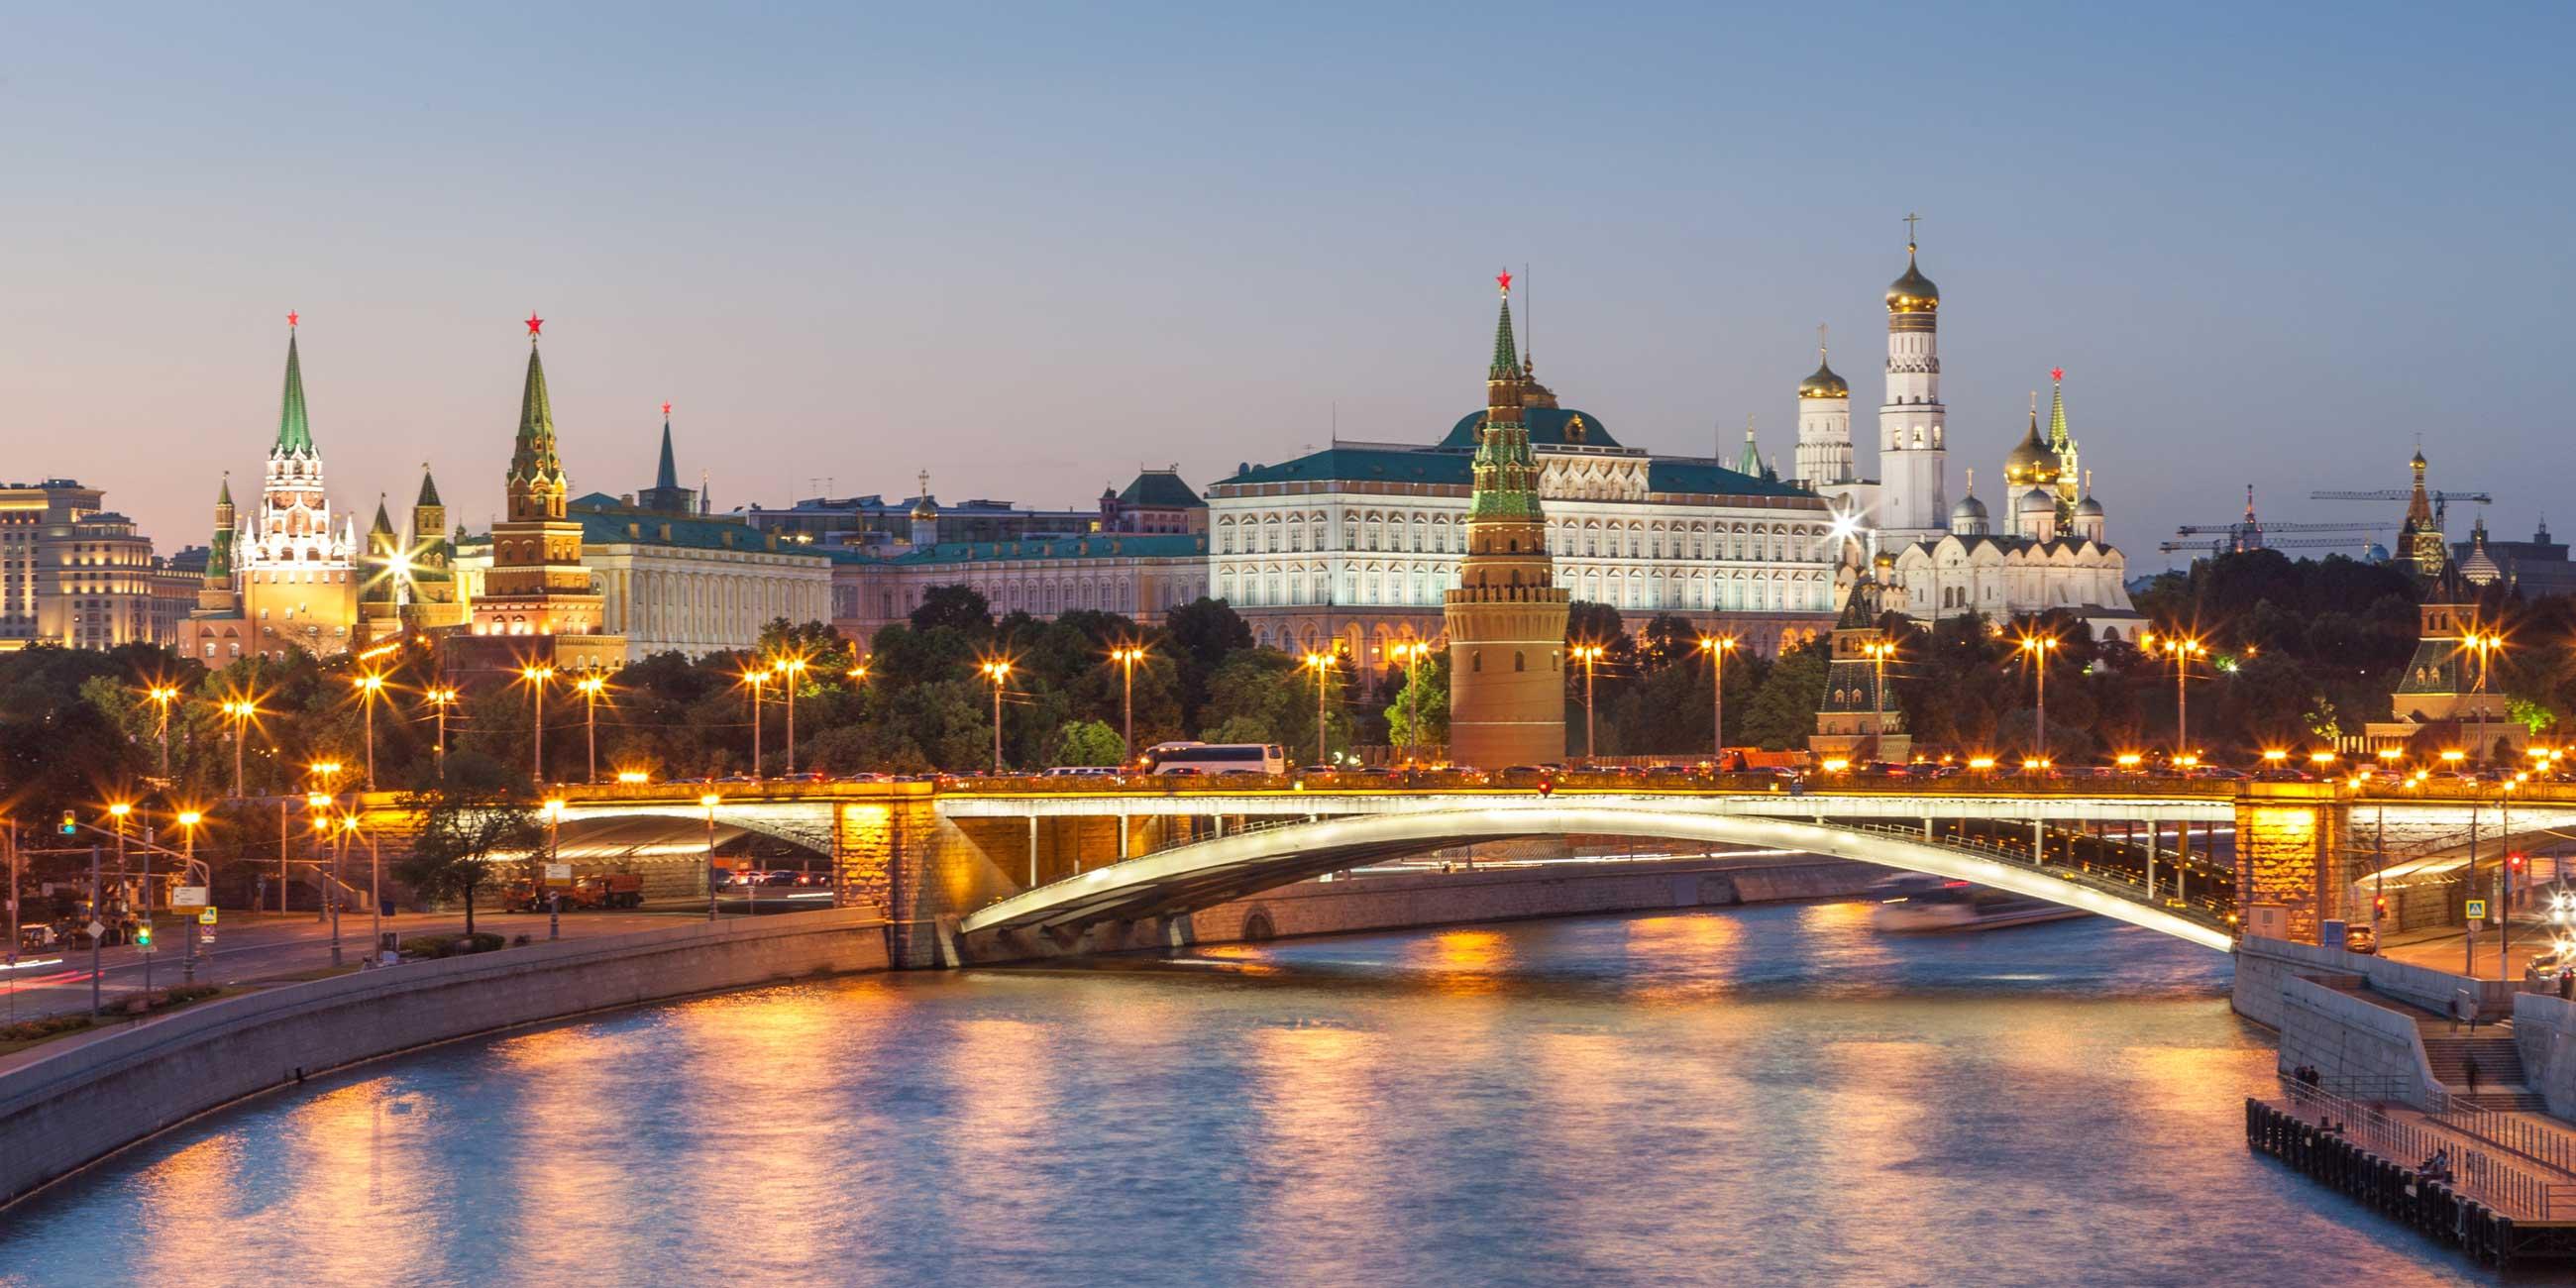 где отдохнуть большой компанией в москве